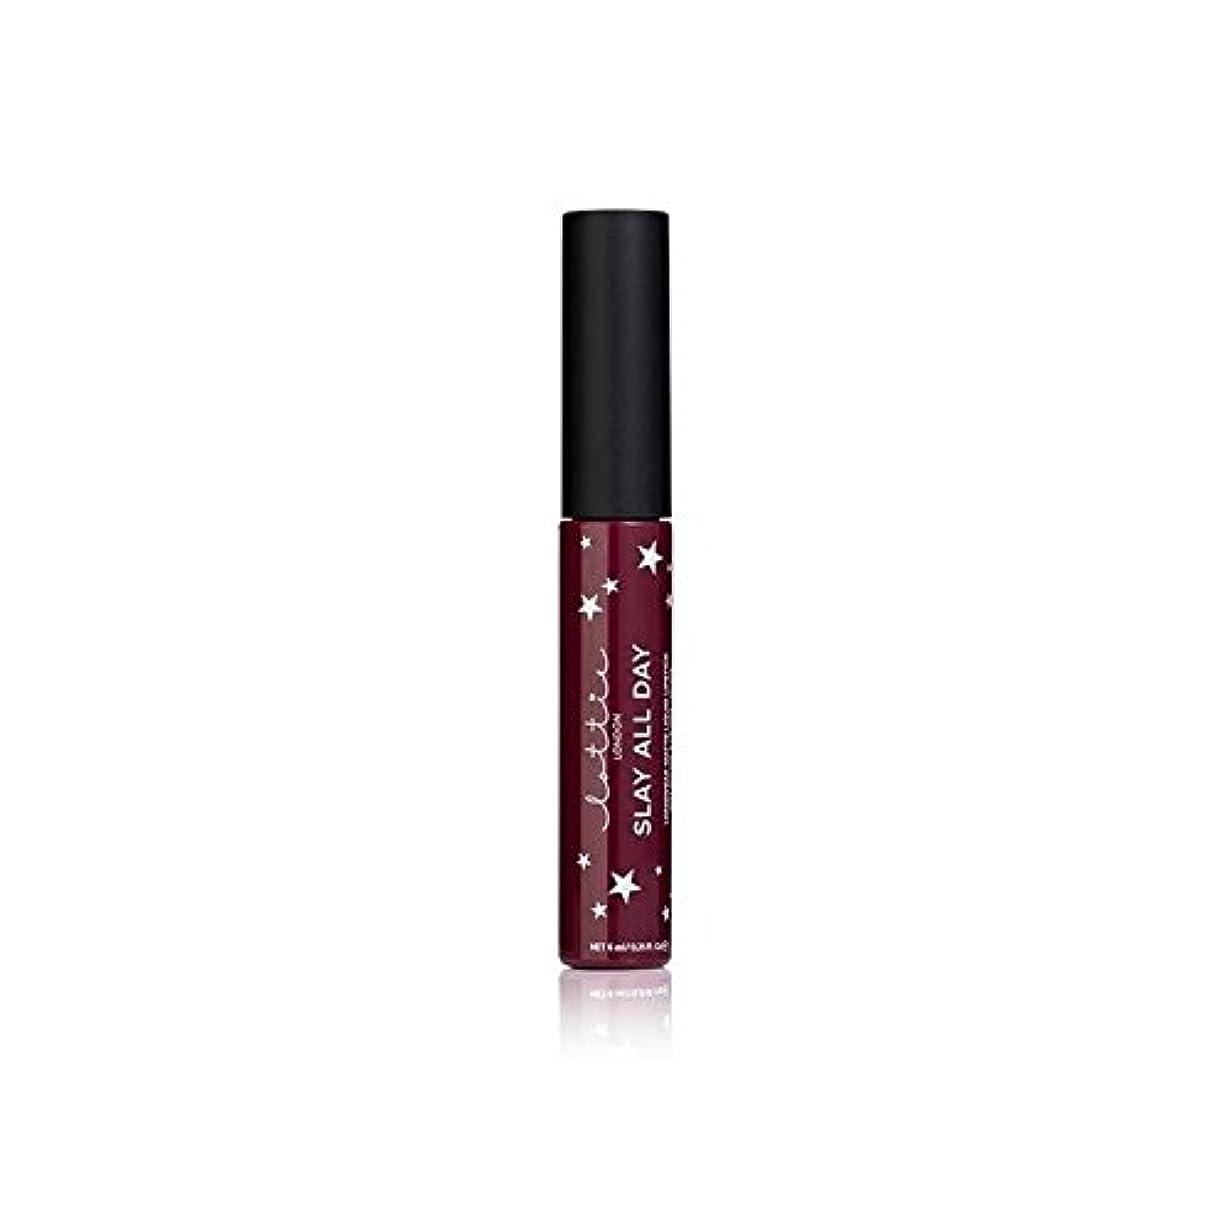 誕生日穿孔する戦艦ロンドンマット液状口紅を - バイブ x2 - Lottie London Matte Liquid Lipstick - Vibes (Pack of 2) [並行輸入品]